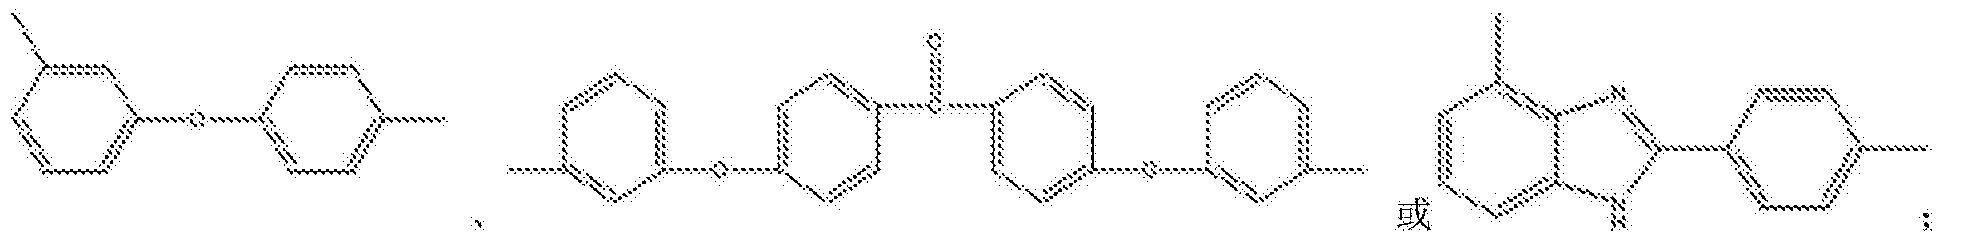 Figure CN104829837BC00024